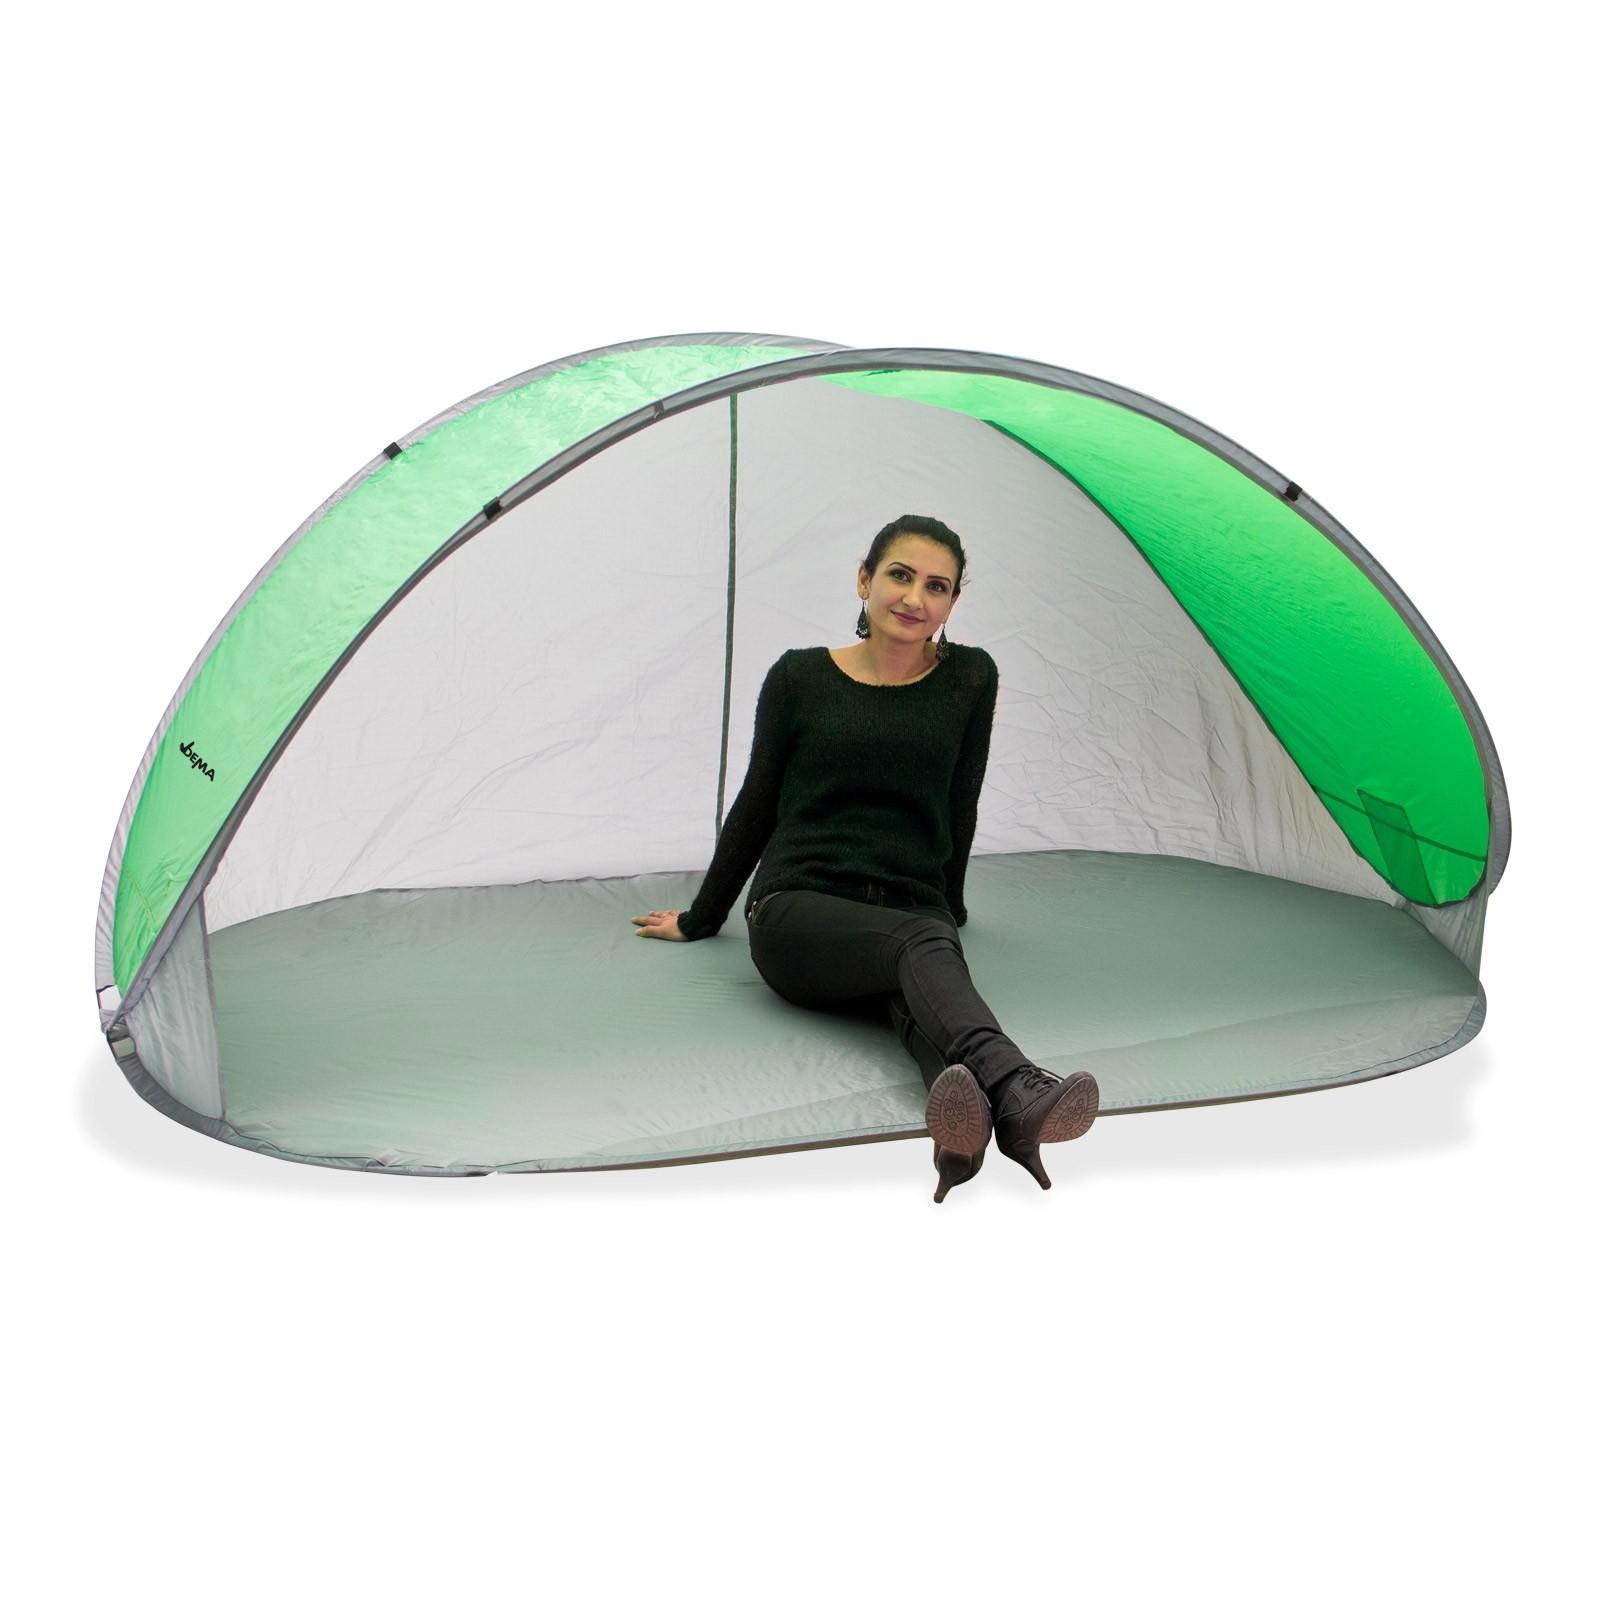 Dema Strandmuschel Pop Up Strandzelt Sonnenschutz Windschutz grün/grau Wurfzelt 43242